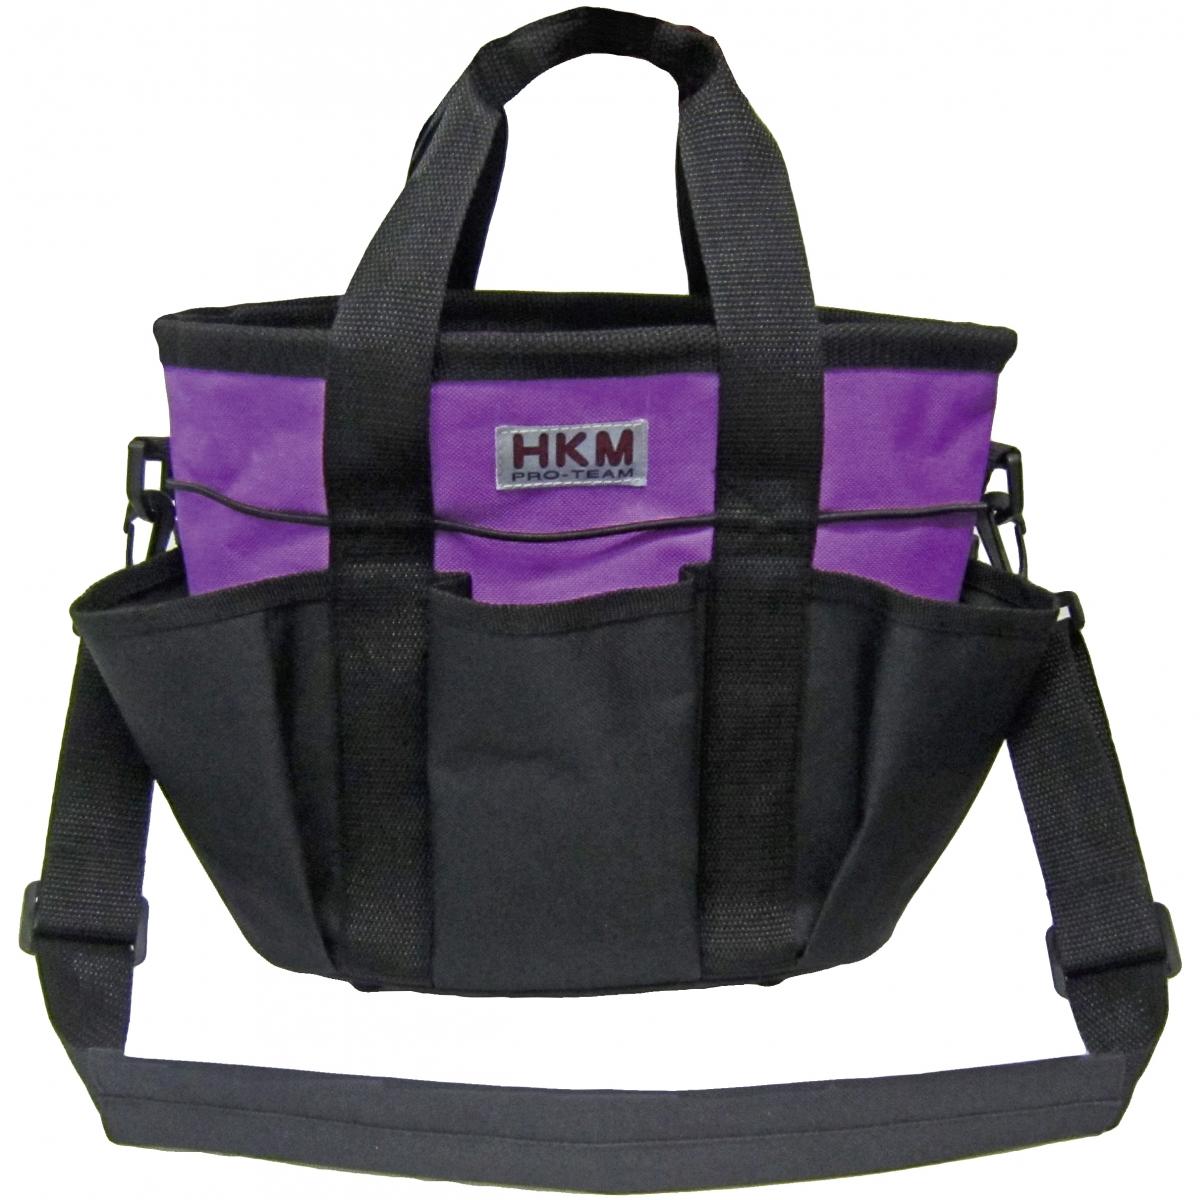 Putztasche XL schwarz HKM NEU